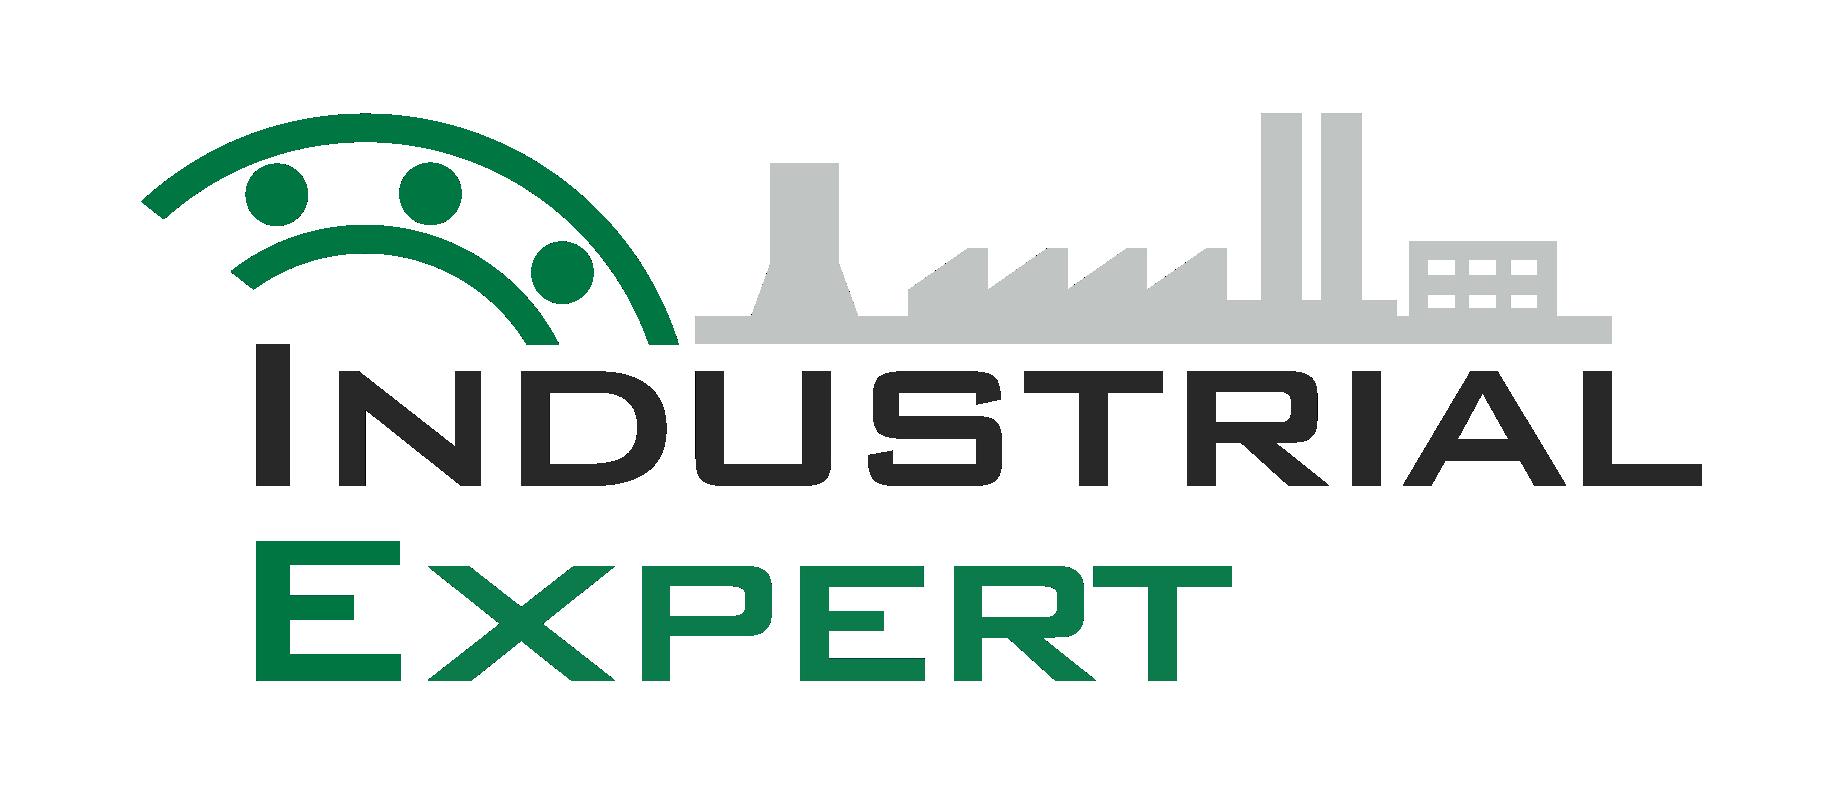 Industrial Expert